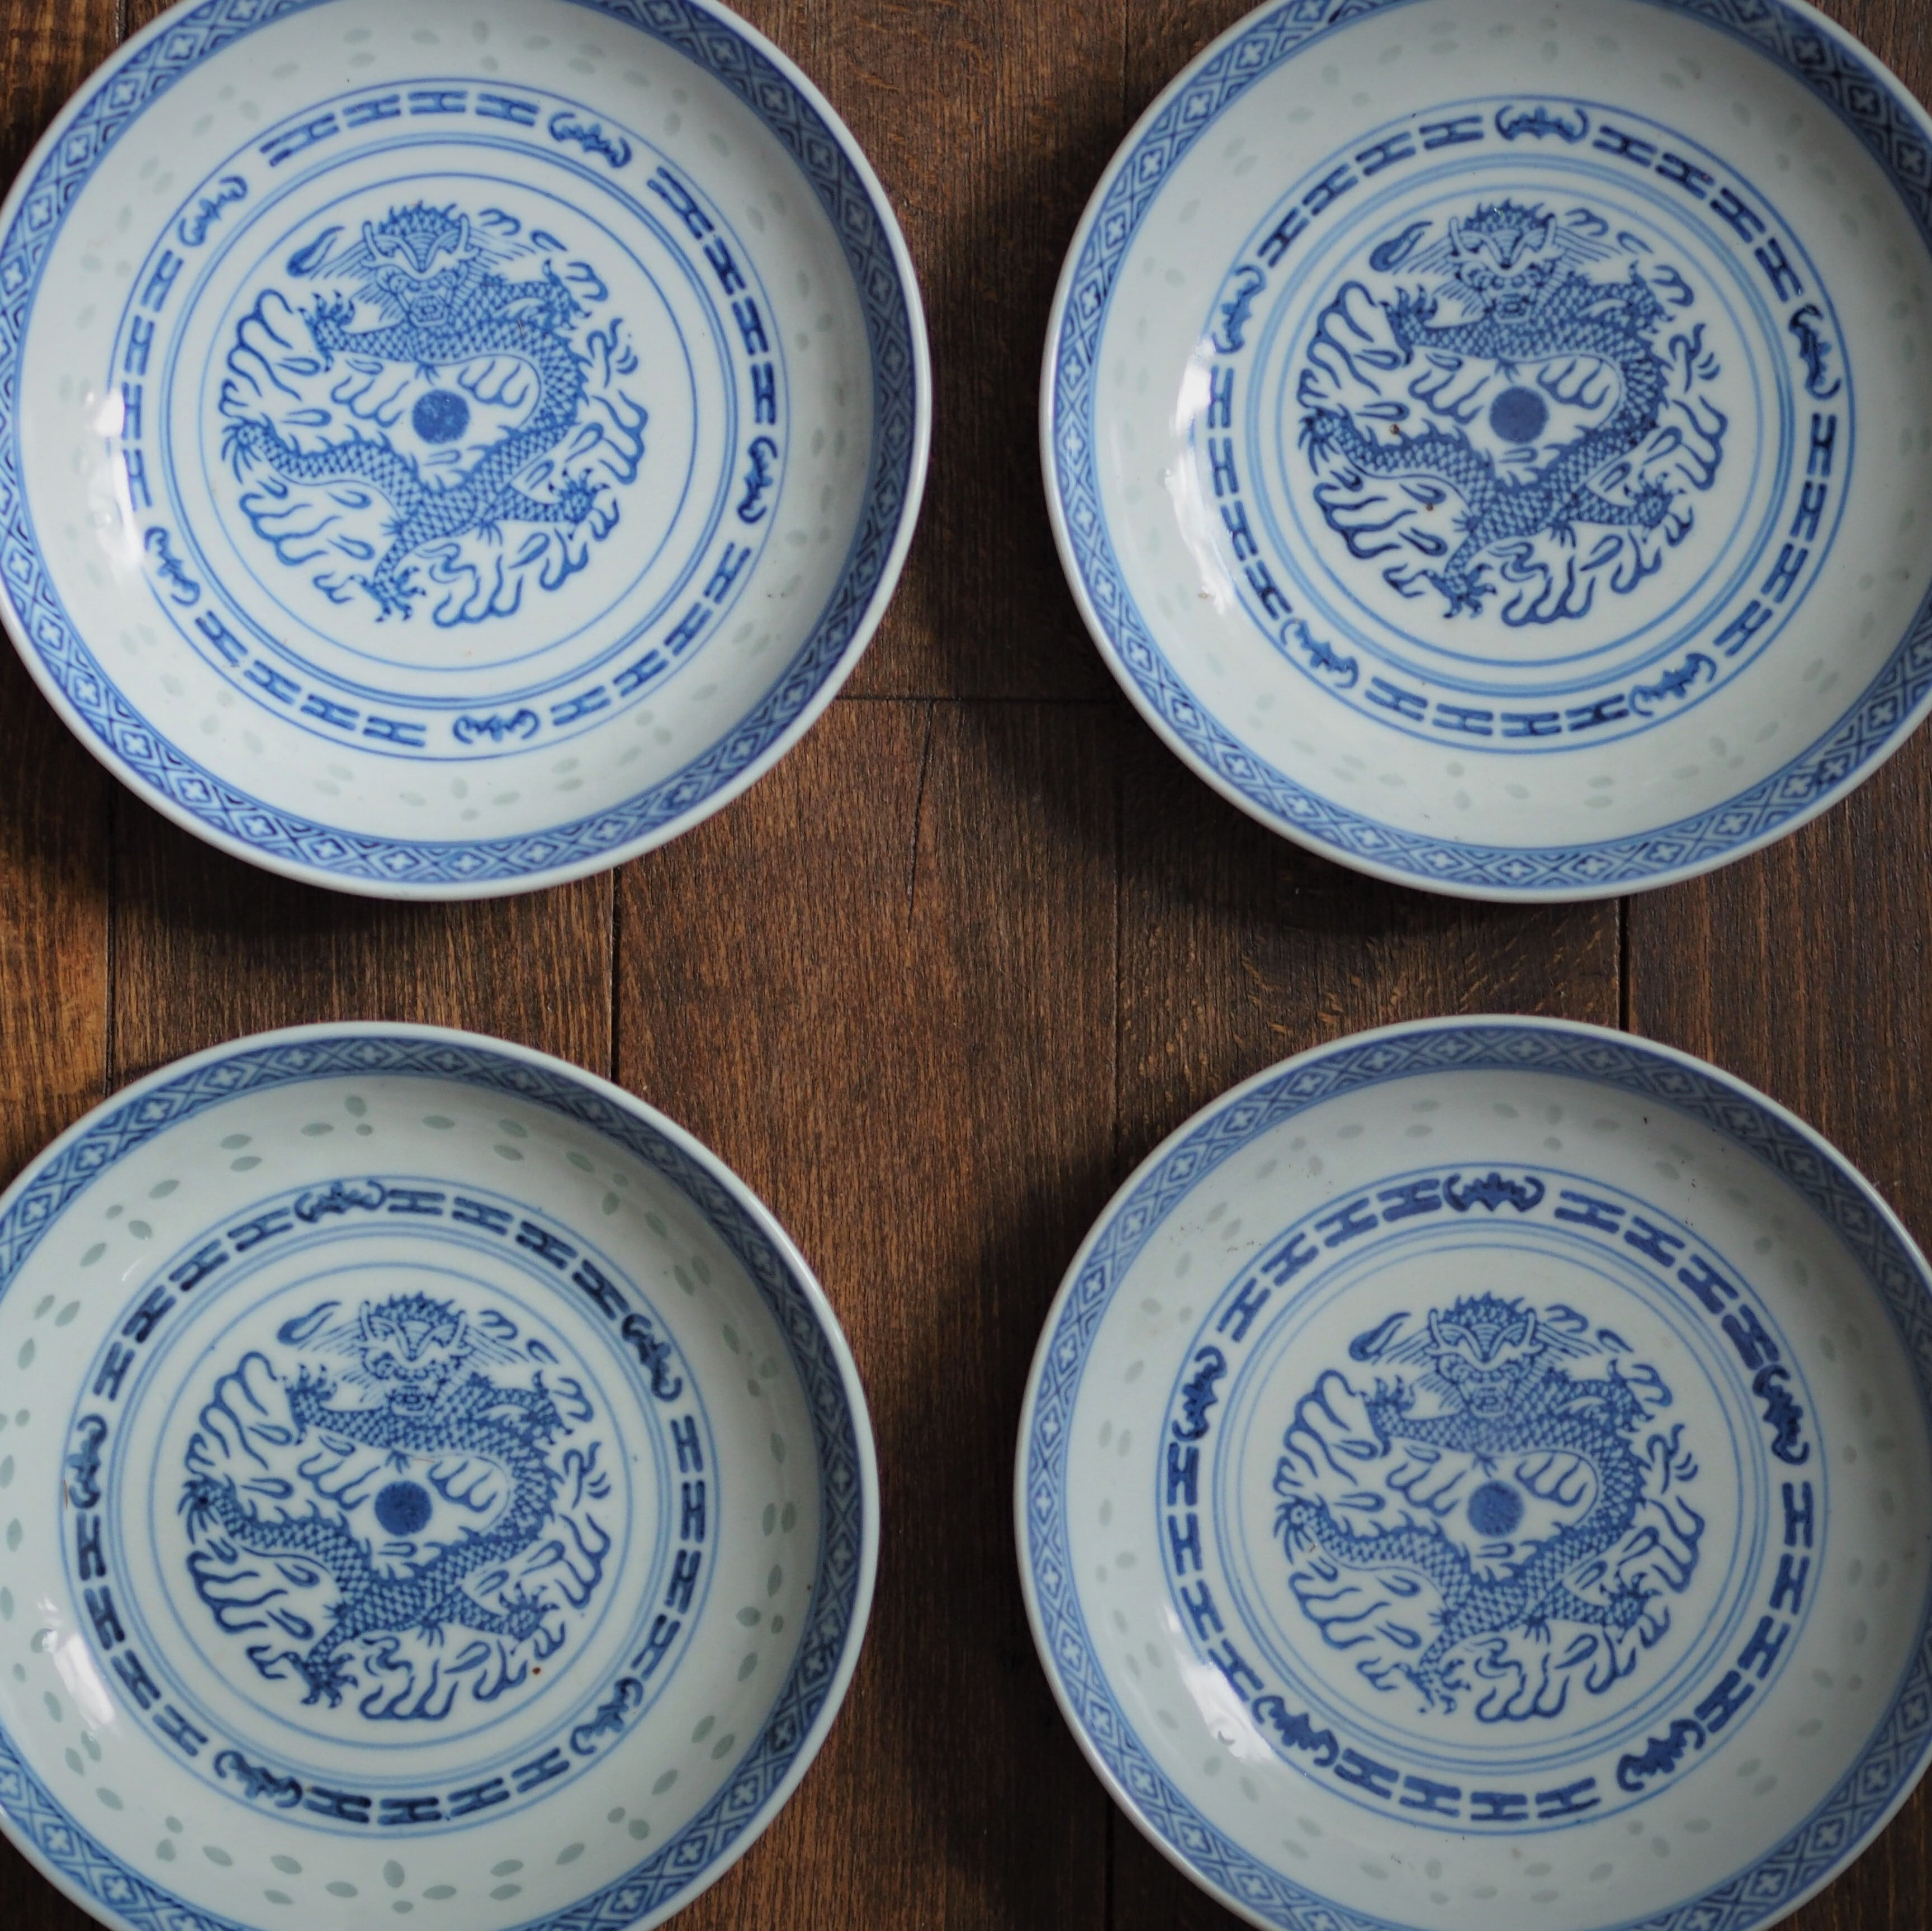 『ドラゴンの丸深皿/Blue&White』景徳鎮/ホタル